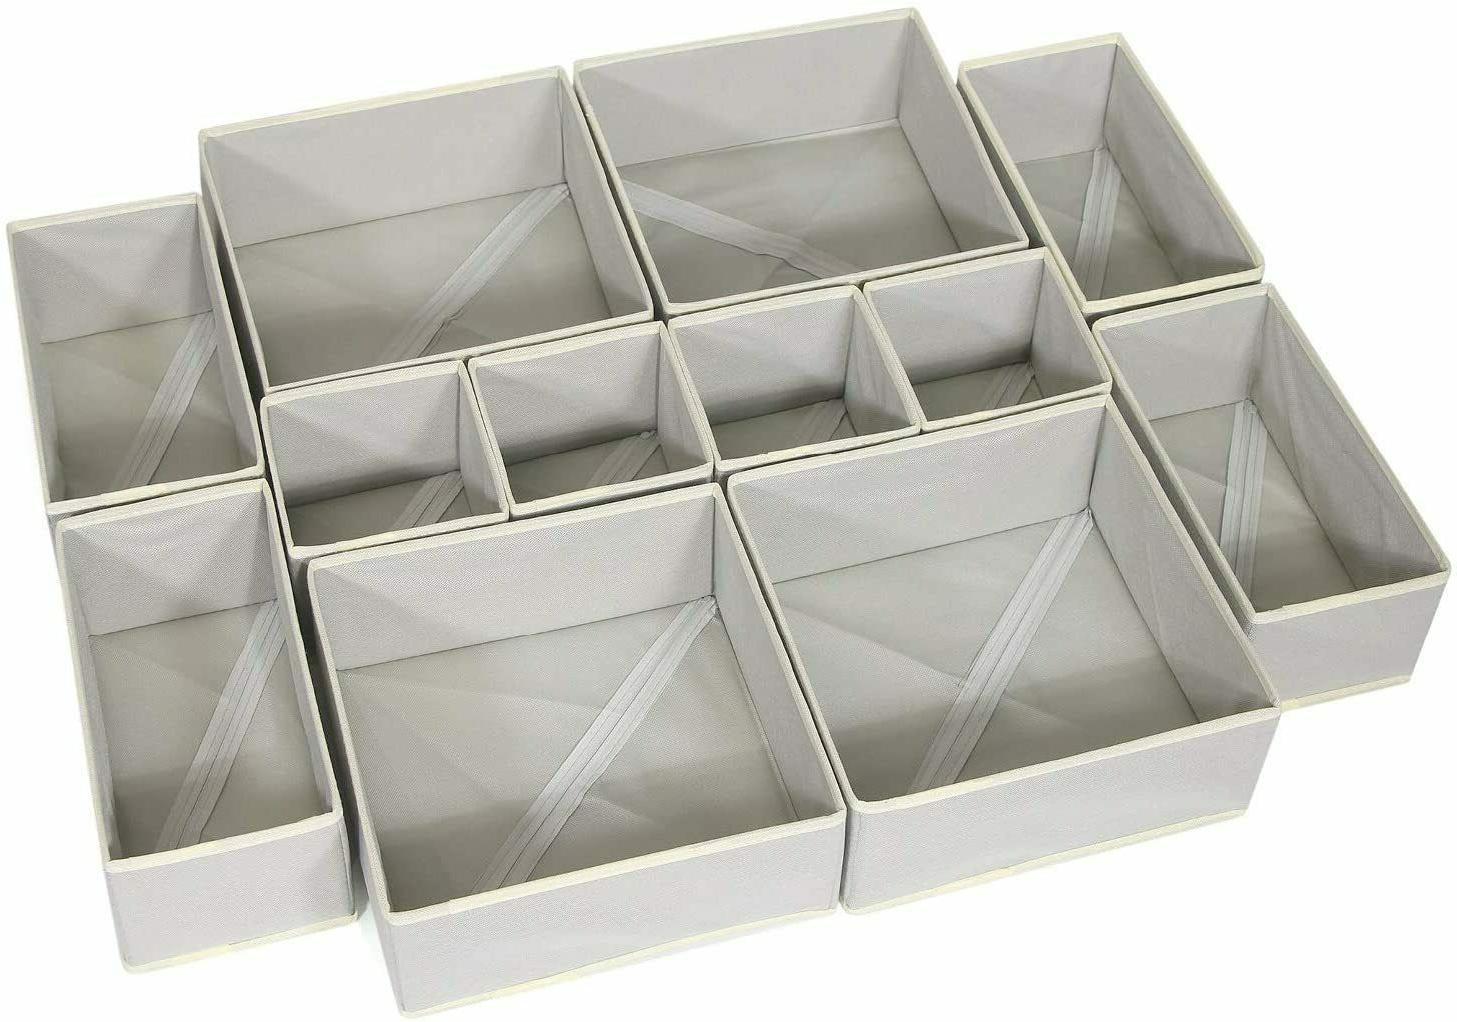 DIOMMELL 12 Cloth Storage Dresser